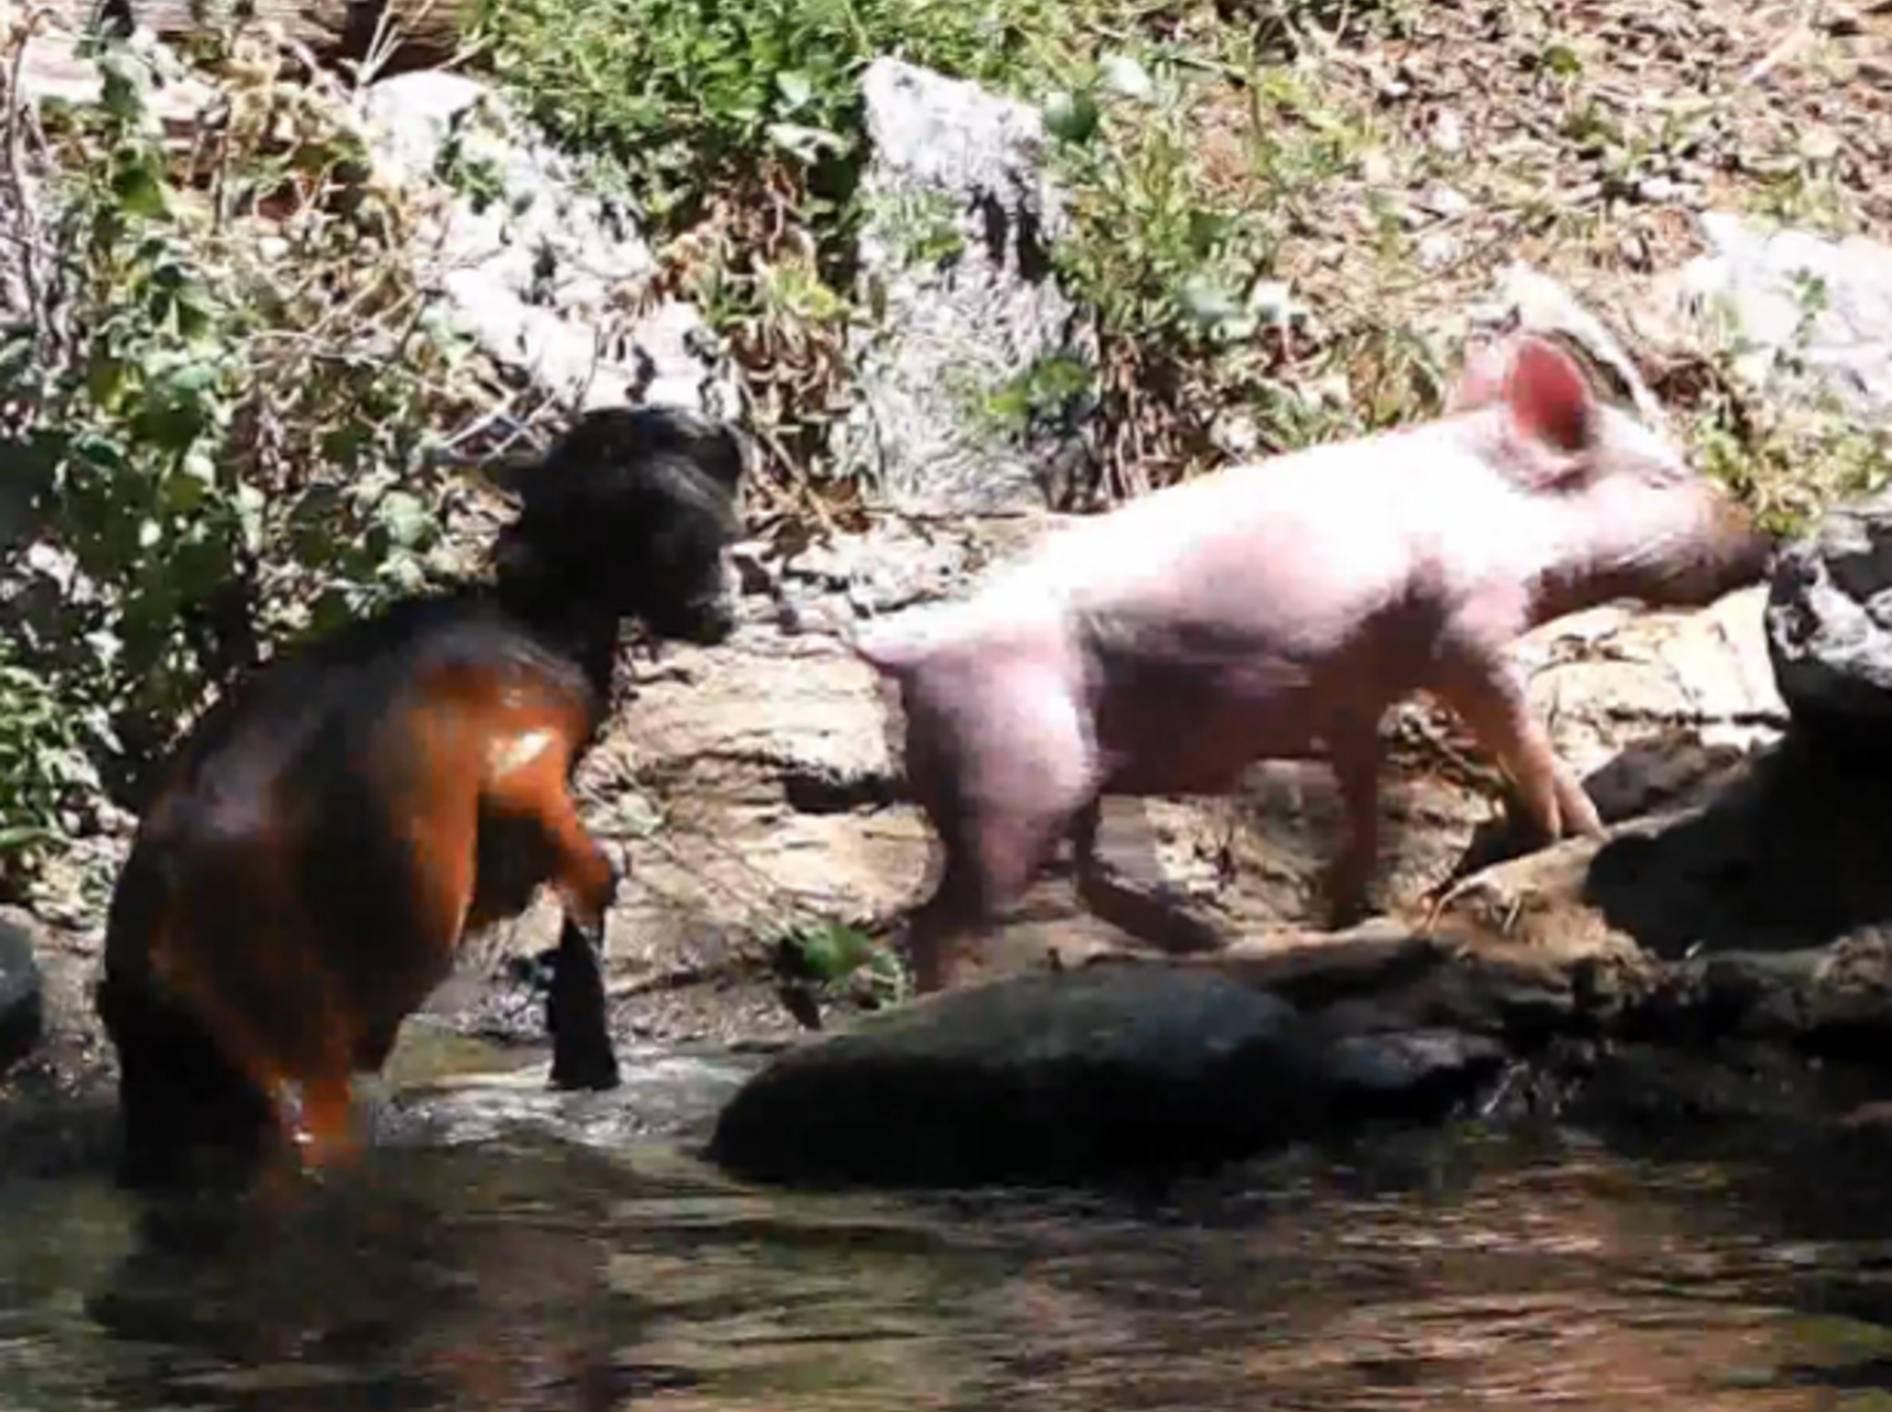 Schweinchen rettet Ziege? Das Video ist ein Werbe-Fake